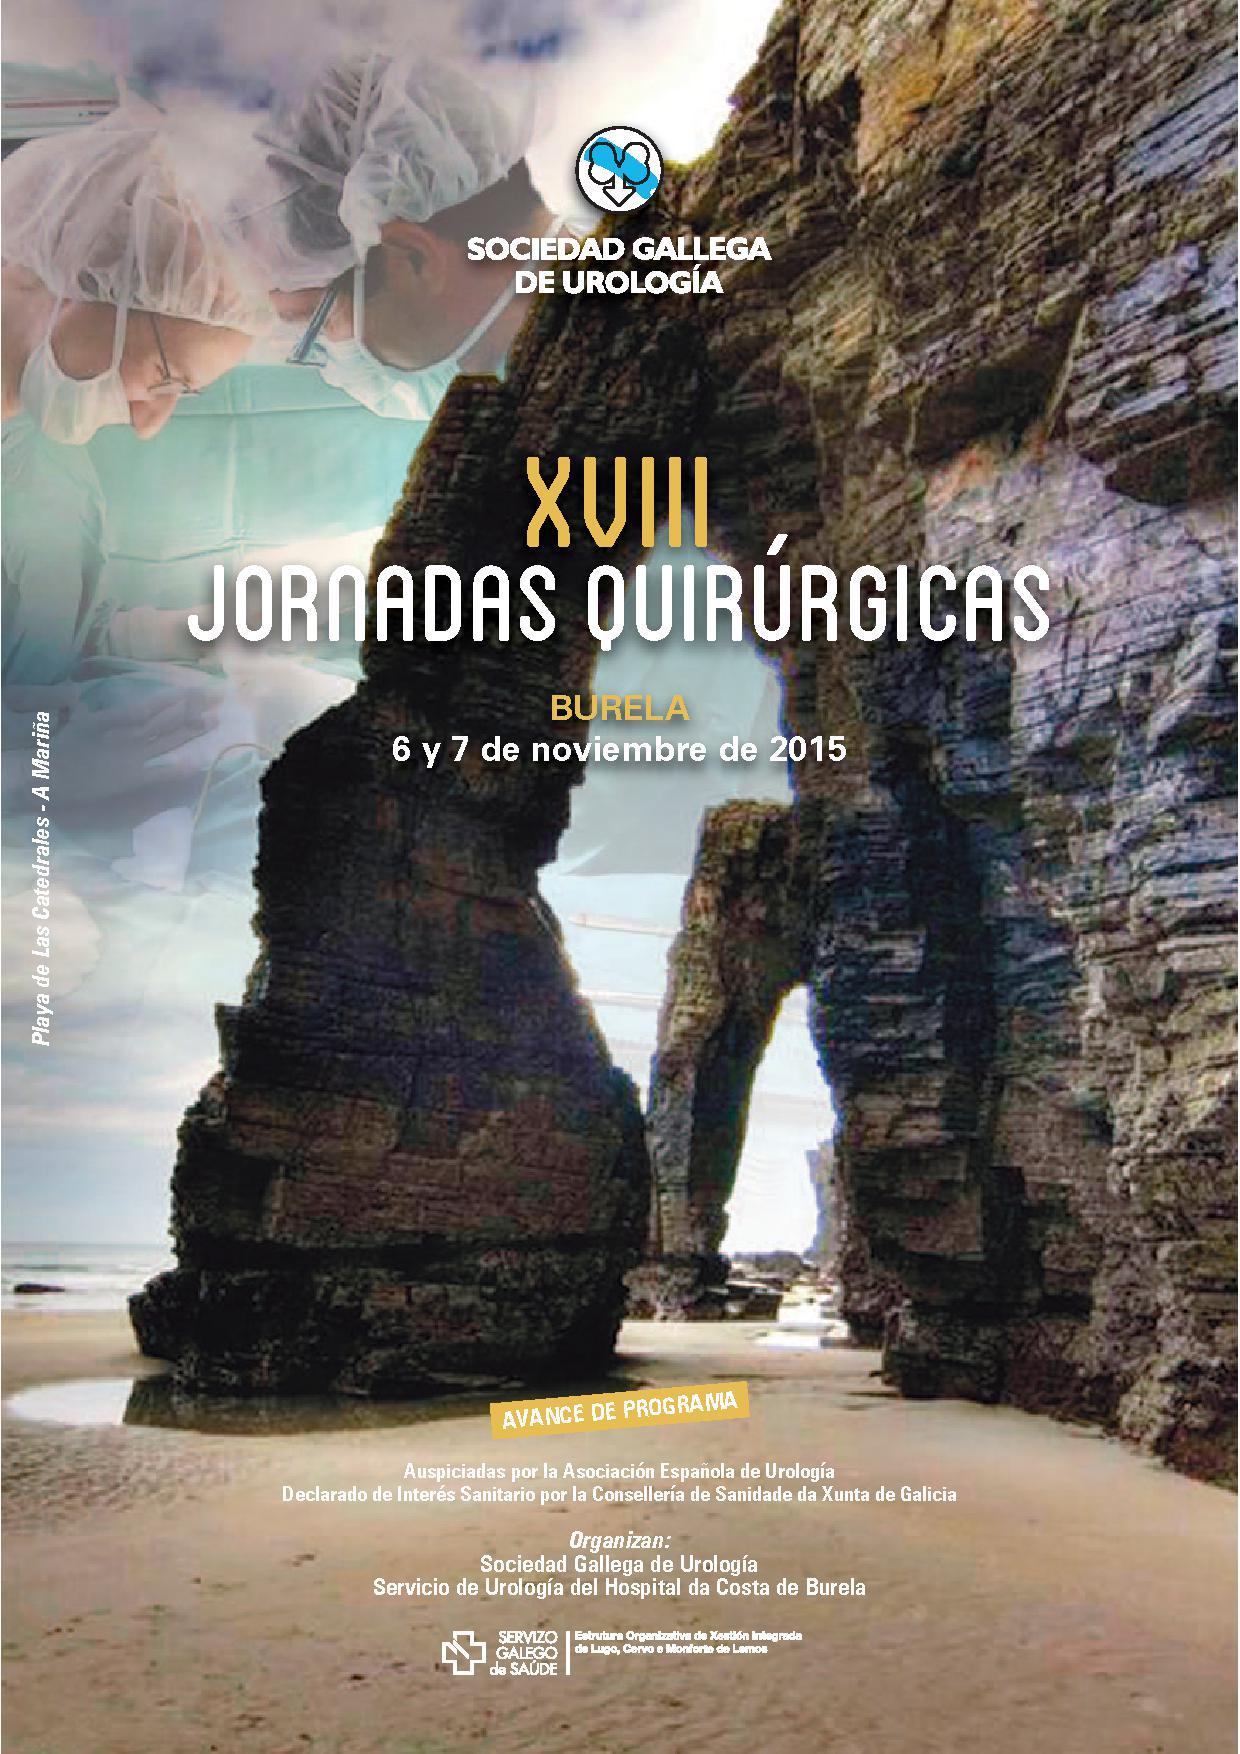 XVIII Jornadas Quirúrgicas de la Sociedad Gallega de Urología